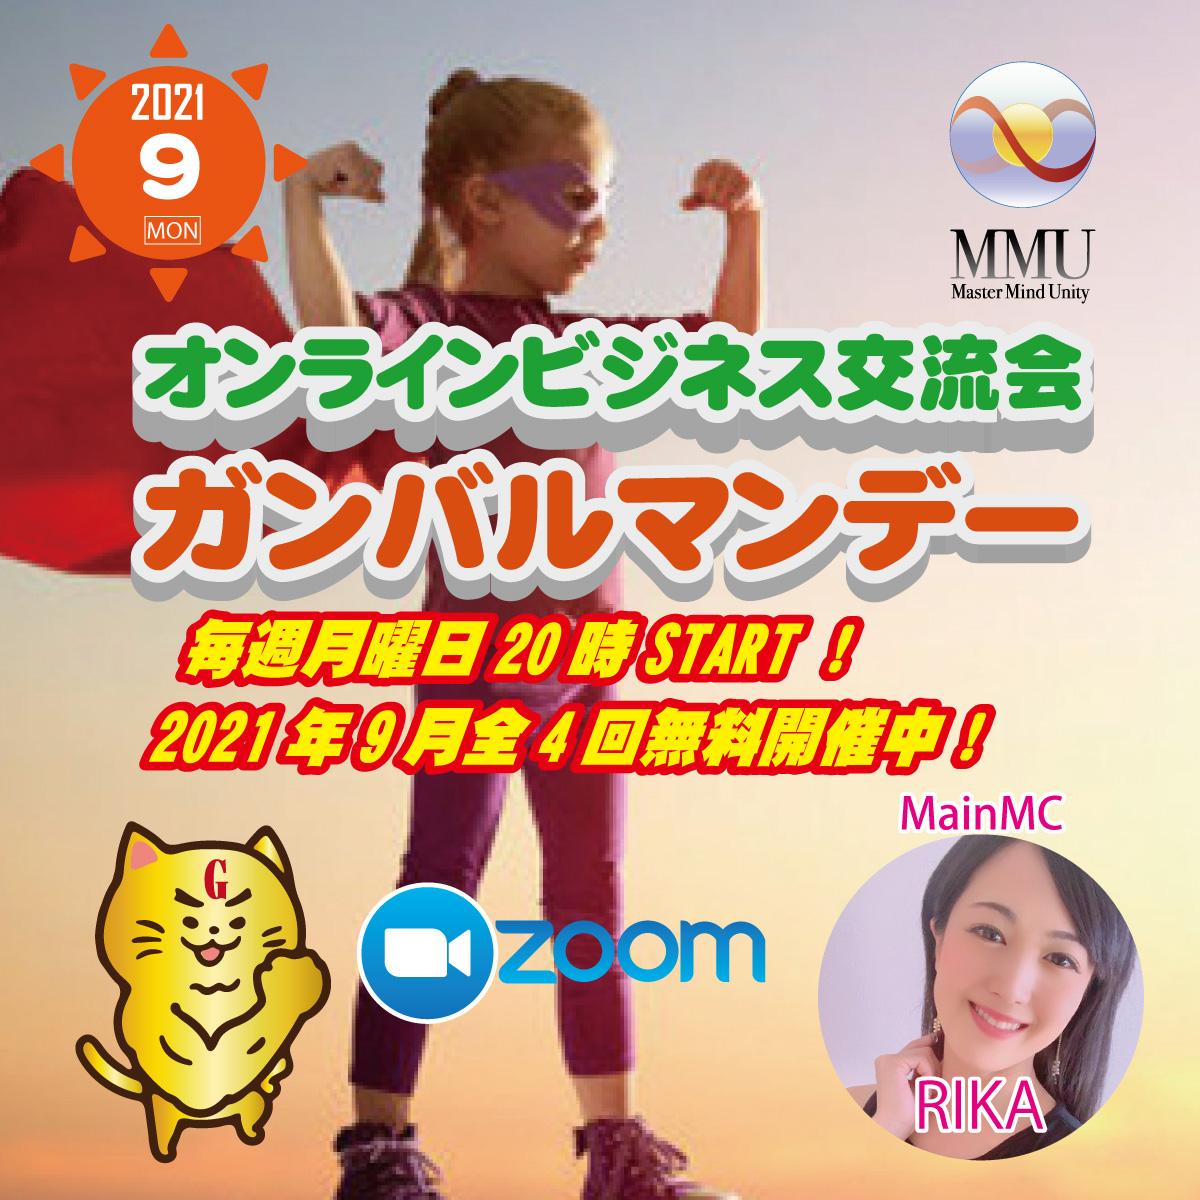 2021年9月度オンラインビジネス交流会【ガンバルマンデー】